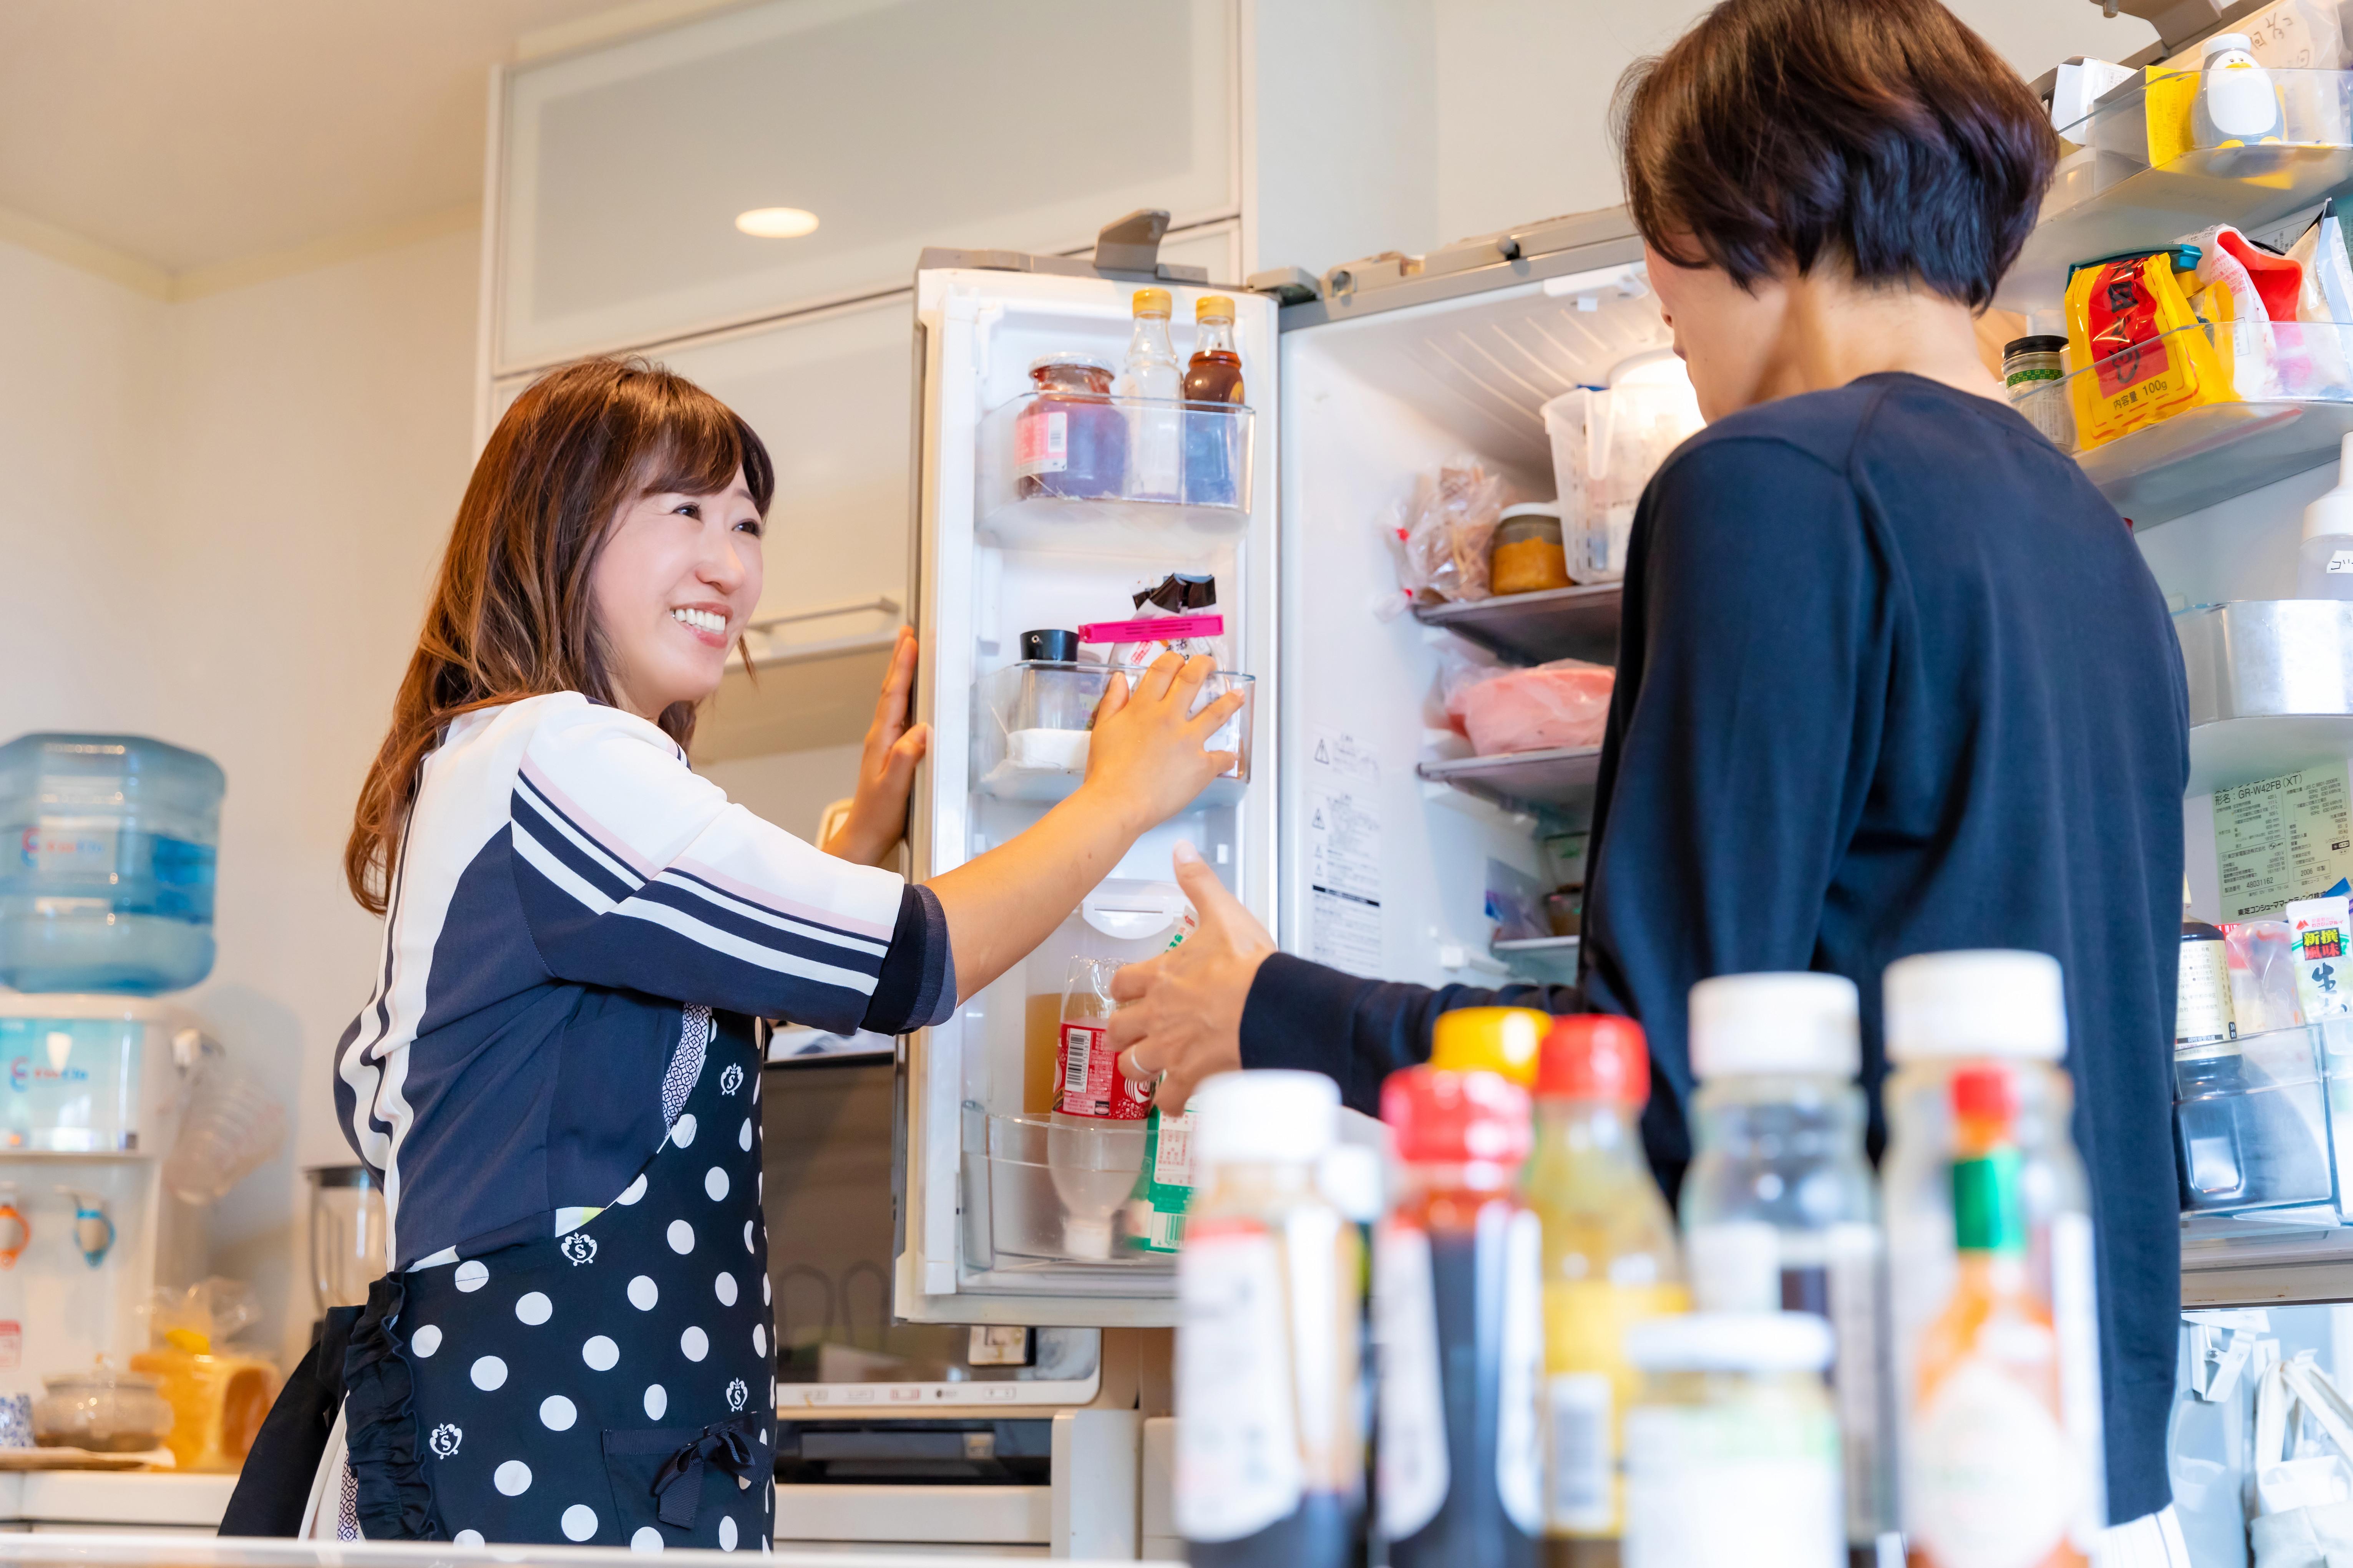 オンラインプライベートプログラム 栄養士と片付けるシリーズ「冷蔵庫編」